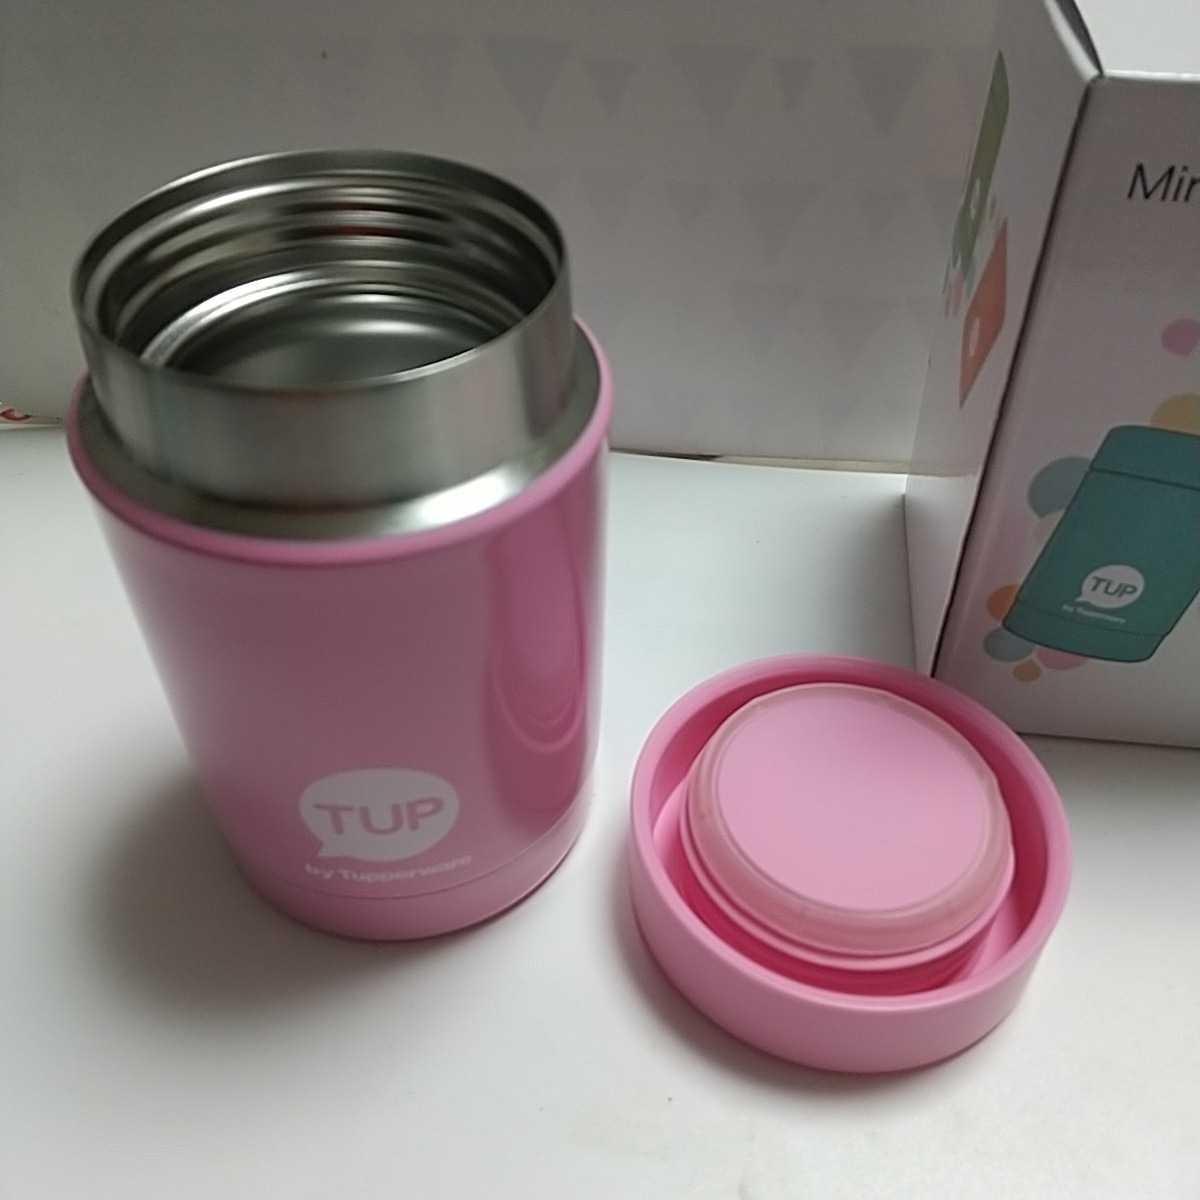 スープジャー ミニサーモ タッパーウェア ステンレス製 ボトル タンブラー 250ml ピンク_画像2